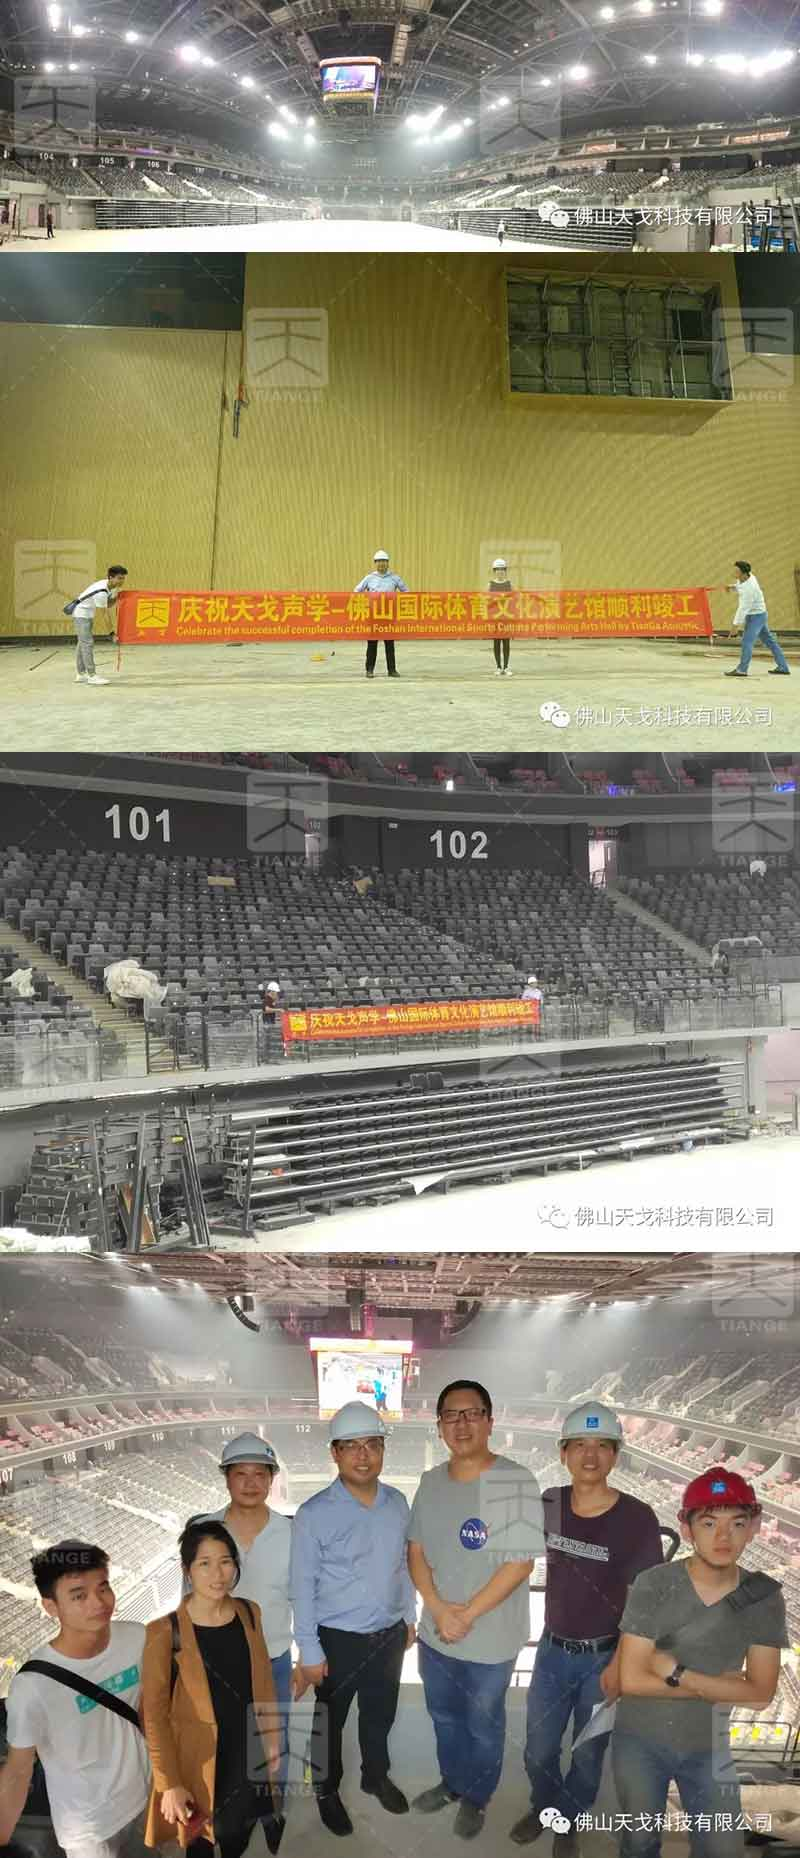 佛山国际体育文化演艺馆顺利竣工